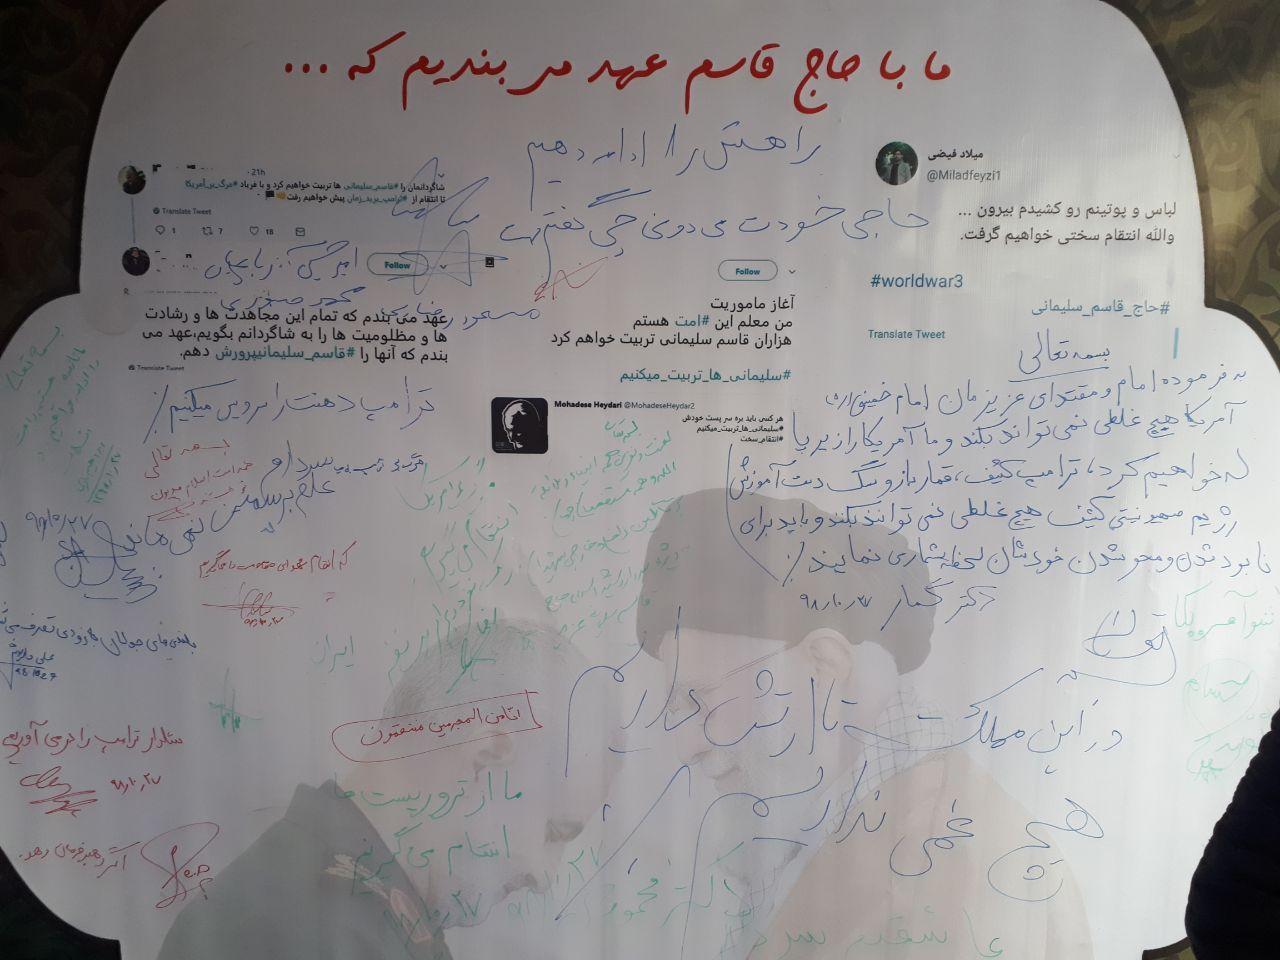 امروز؛ اقامه نماز جمعه تهران به امامت فرمانده کل قوا/ حضور مردم در ساعات اولیه صبح + تصاویر